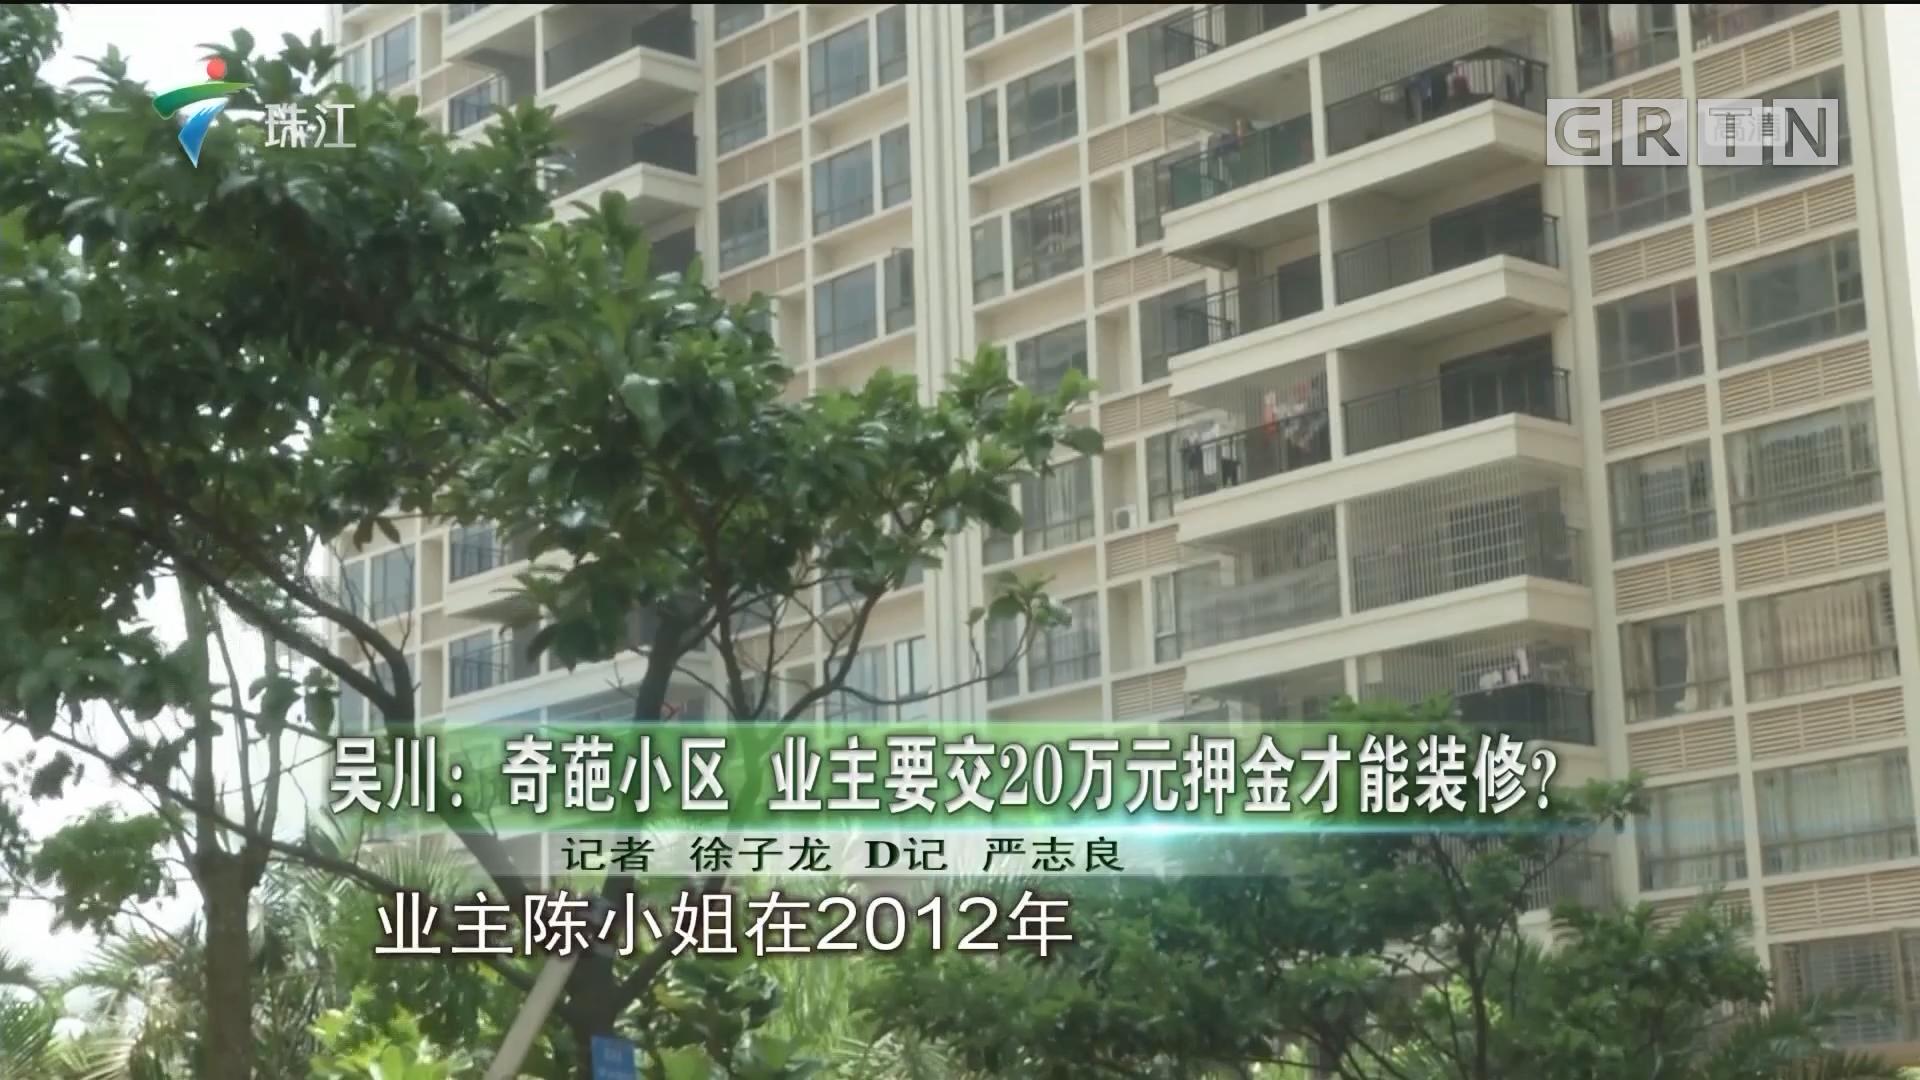 吴川:奇葩小区 业主要交20万元押金才能装修?